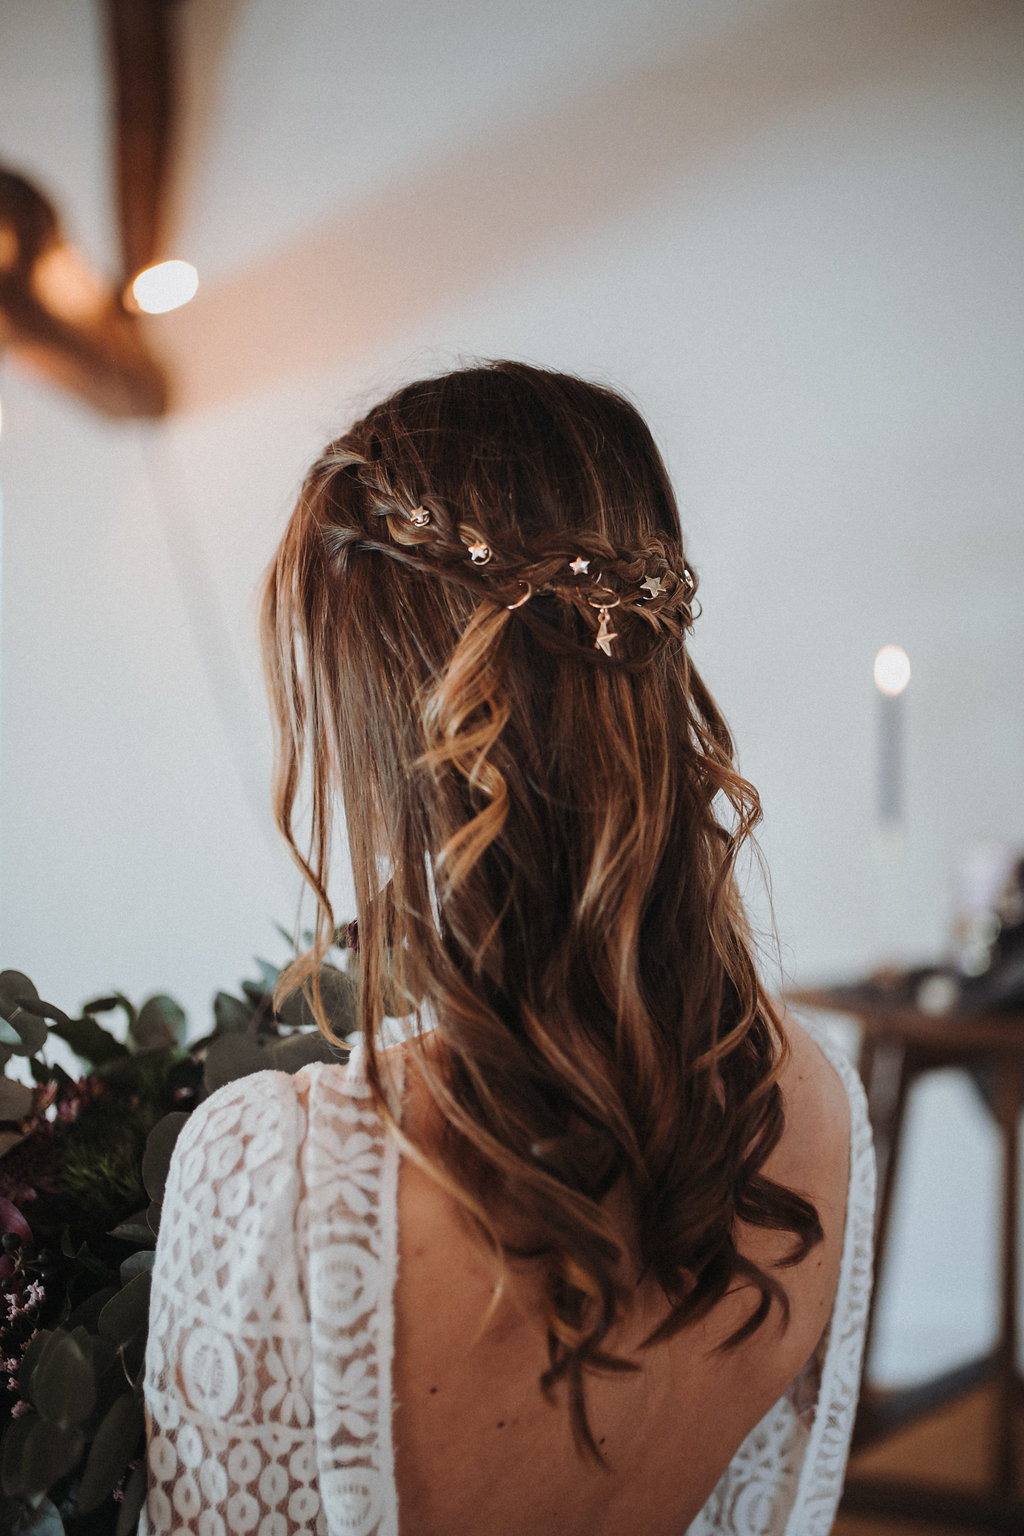 Hochzeit frisur lange Haare, halboffen Brautfrisur, Brautfrisur halboffen, Flechtfrisur Hochzeit